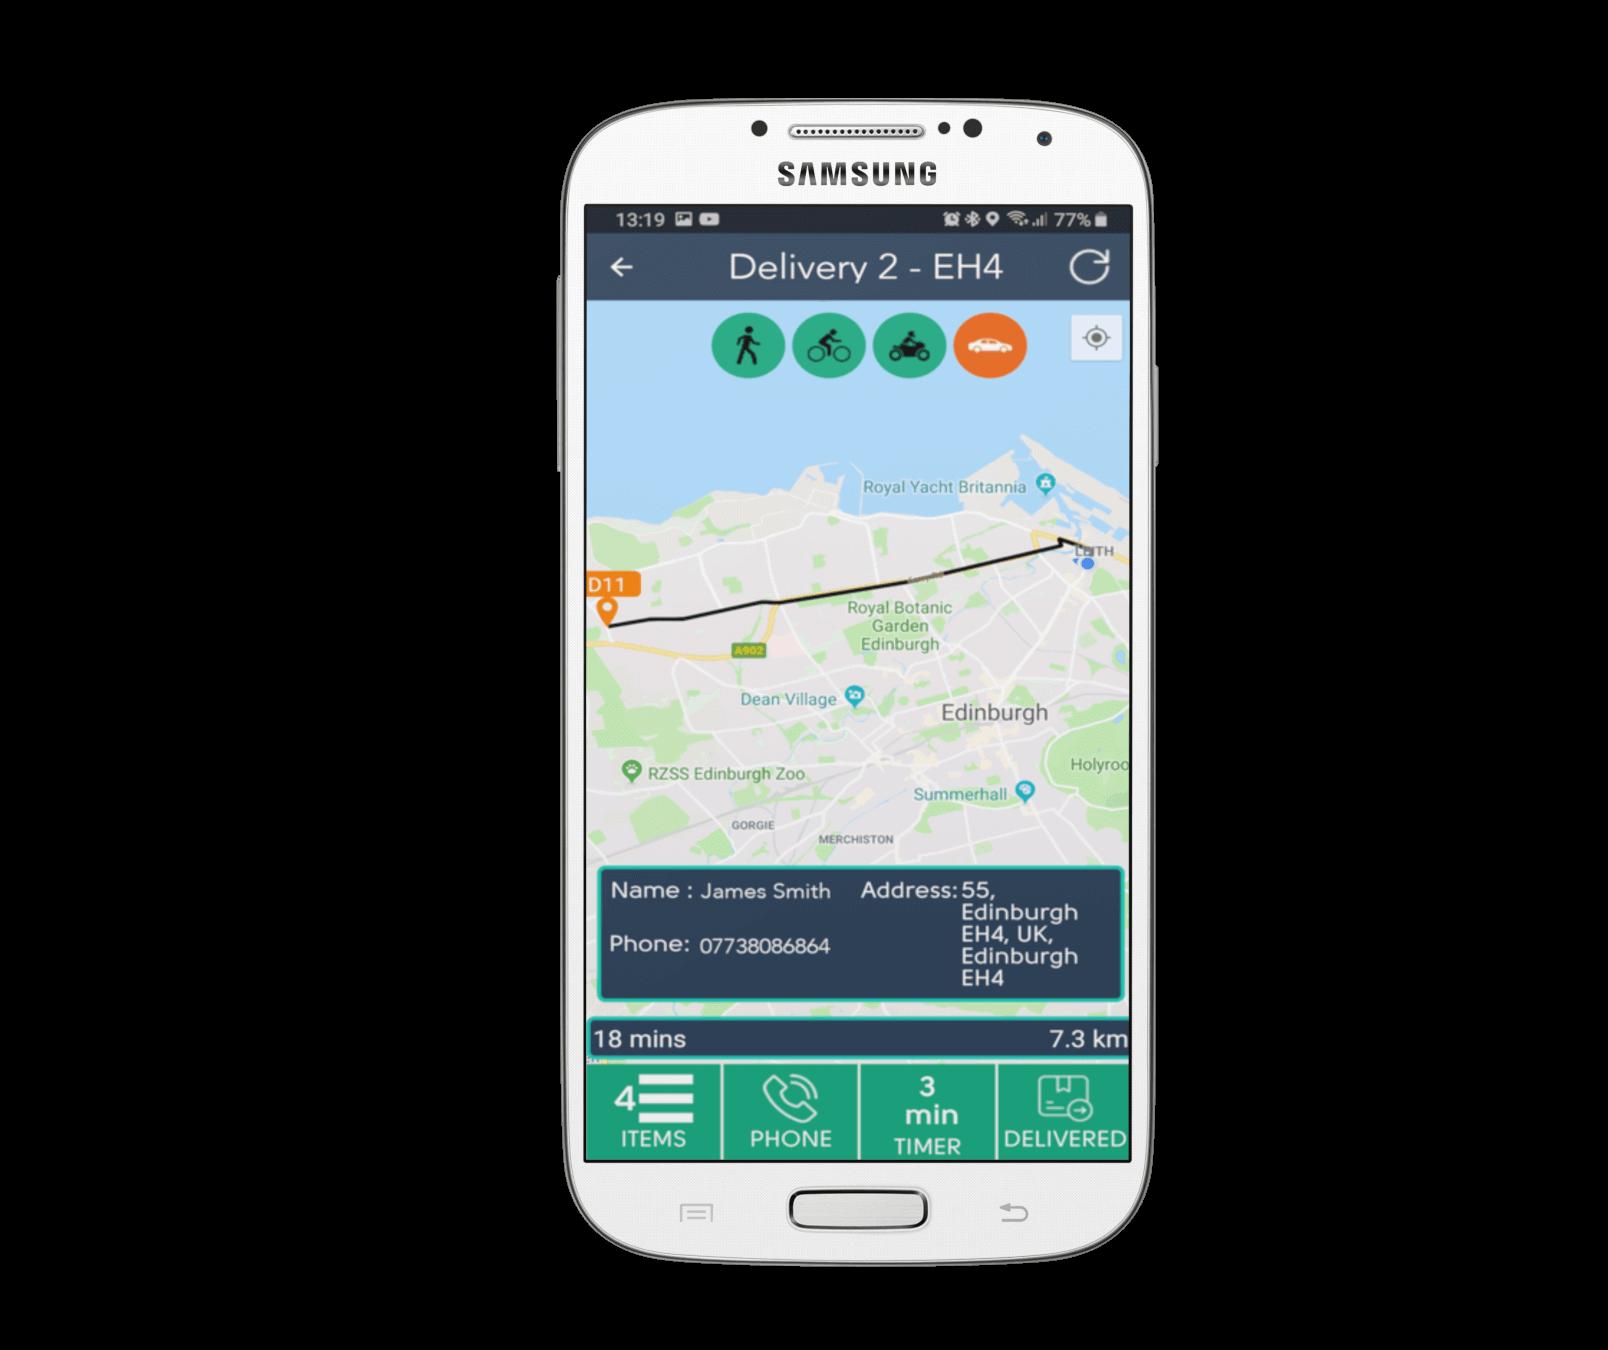 ePOS Hybrid Driver App